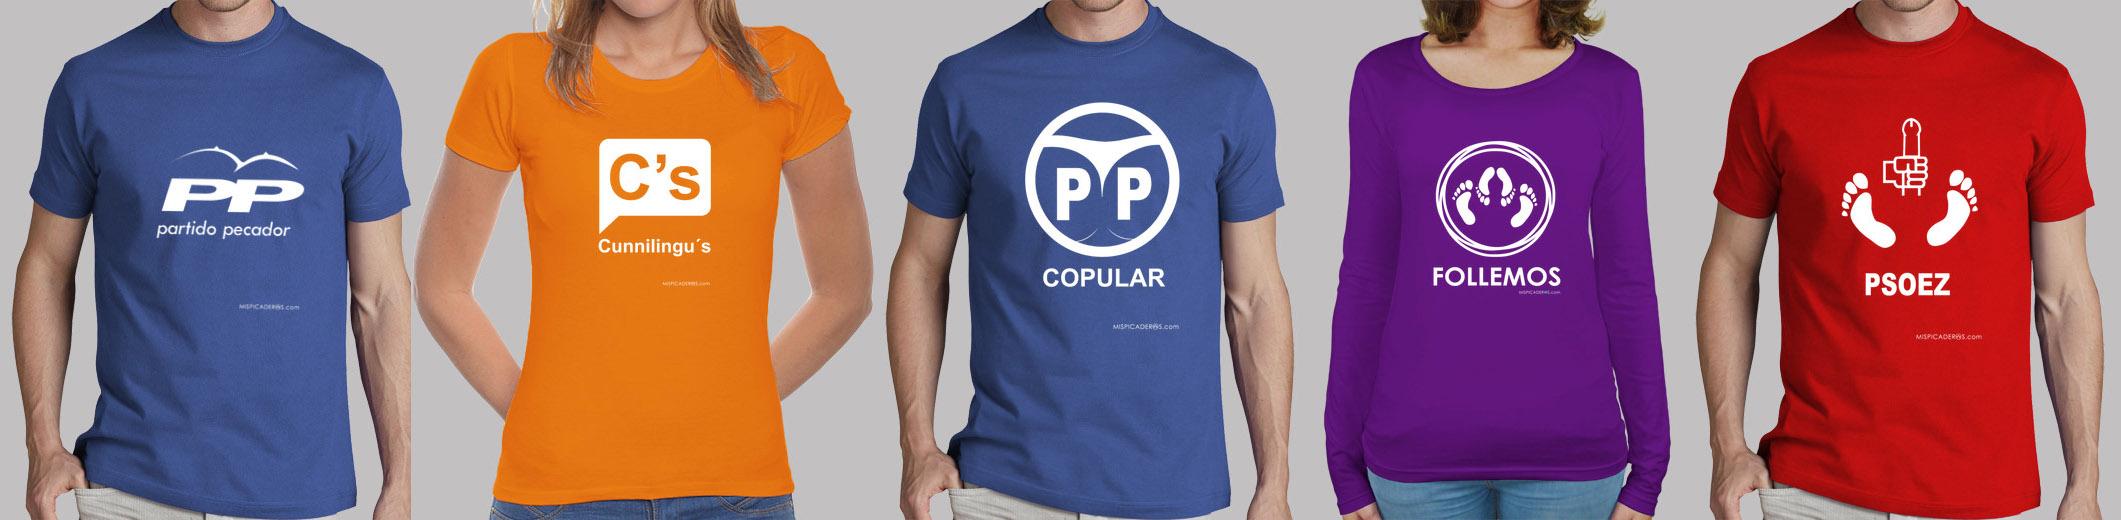 Nueva colección de camisetas para las elecciones primavera-verano